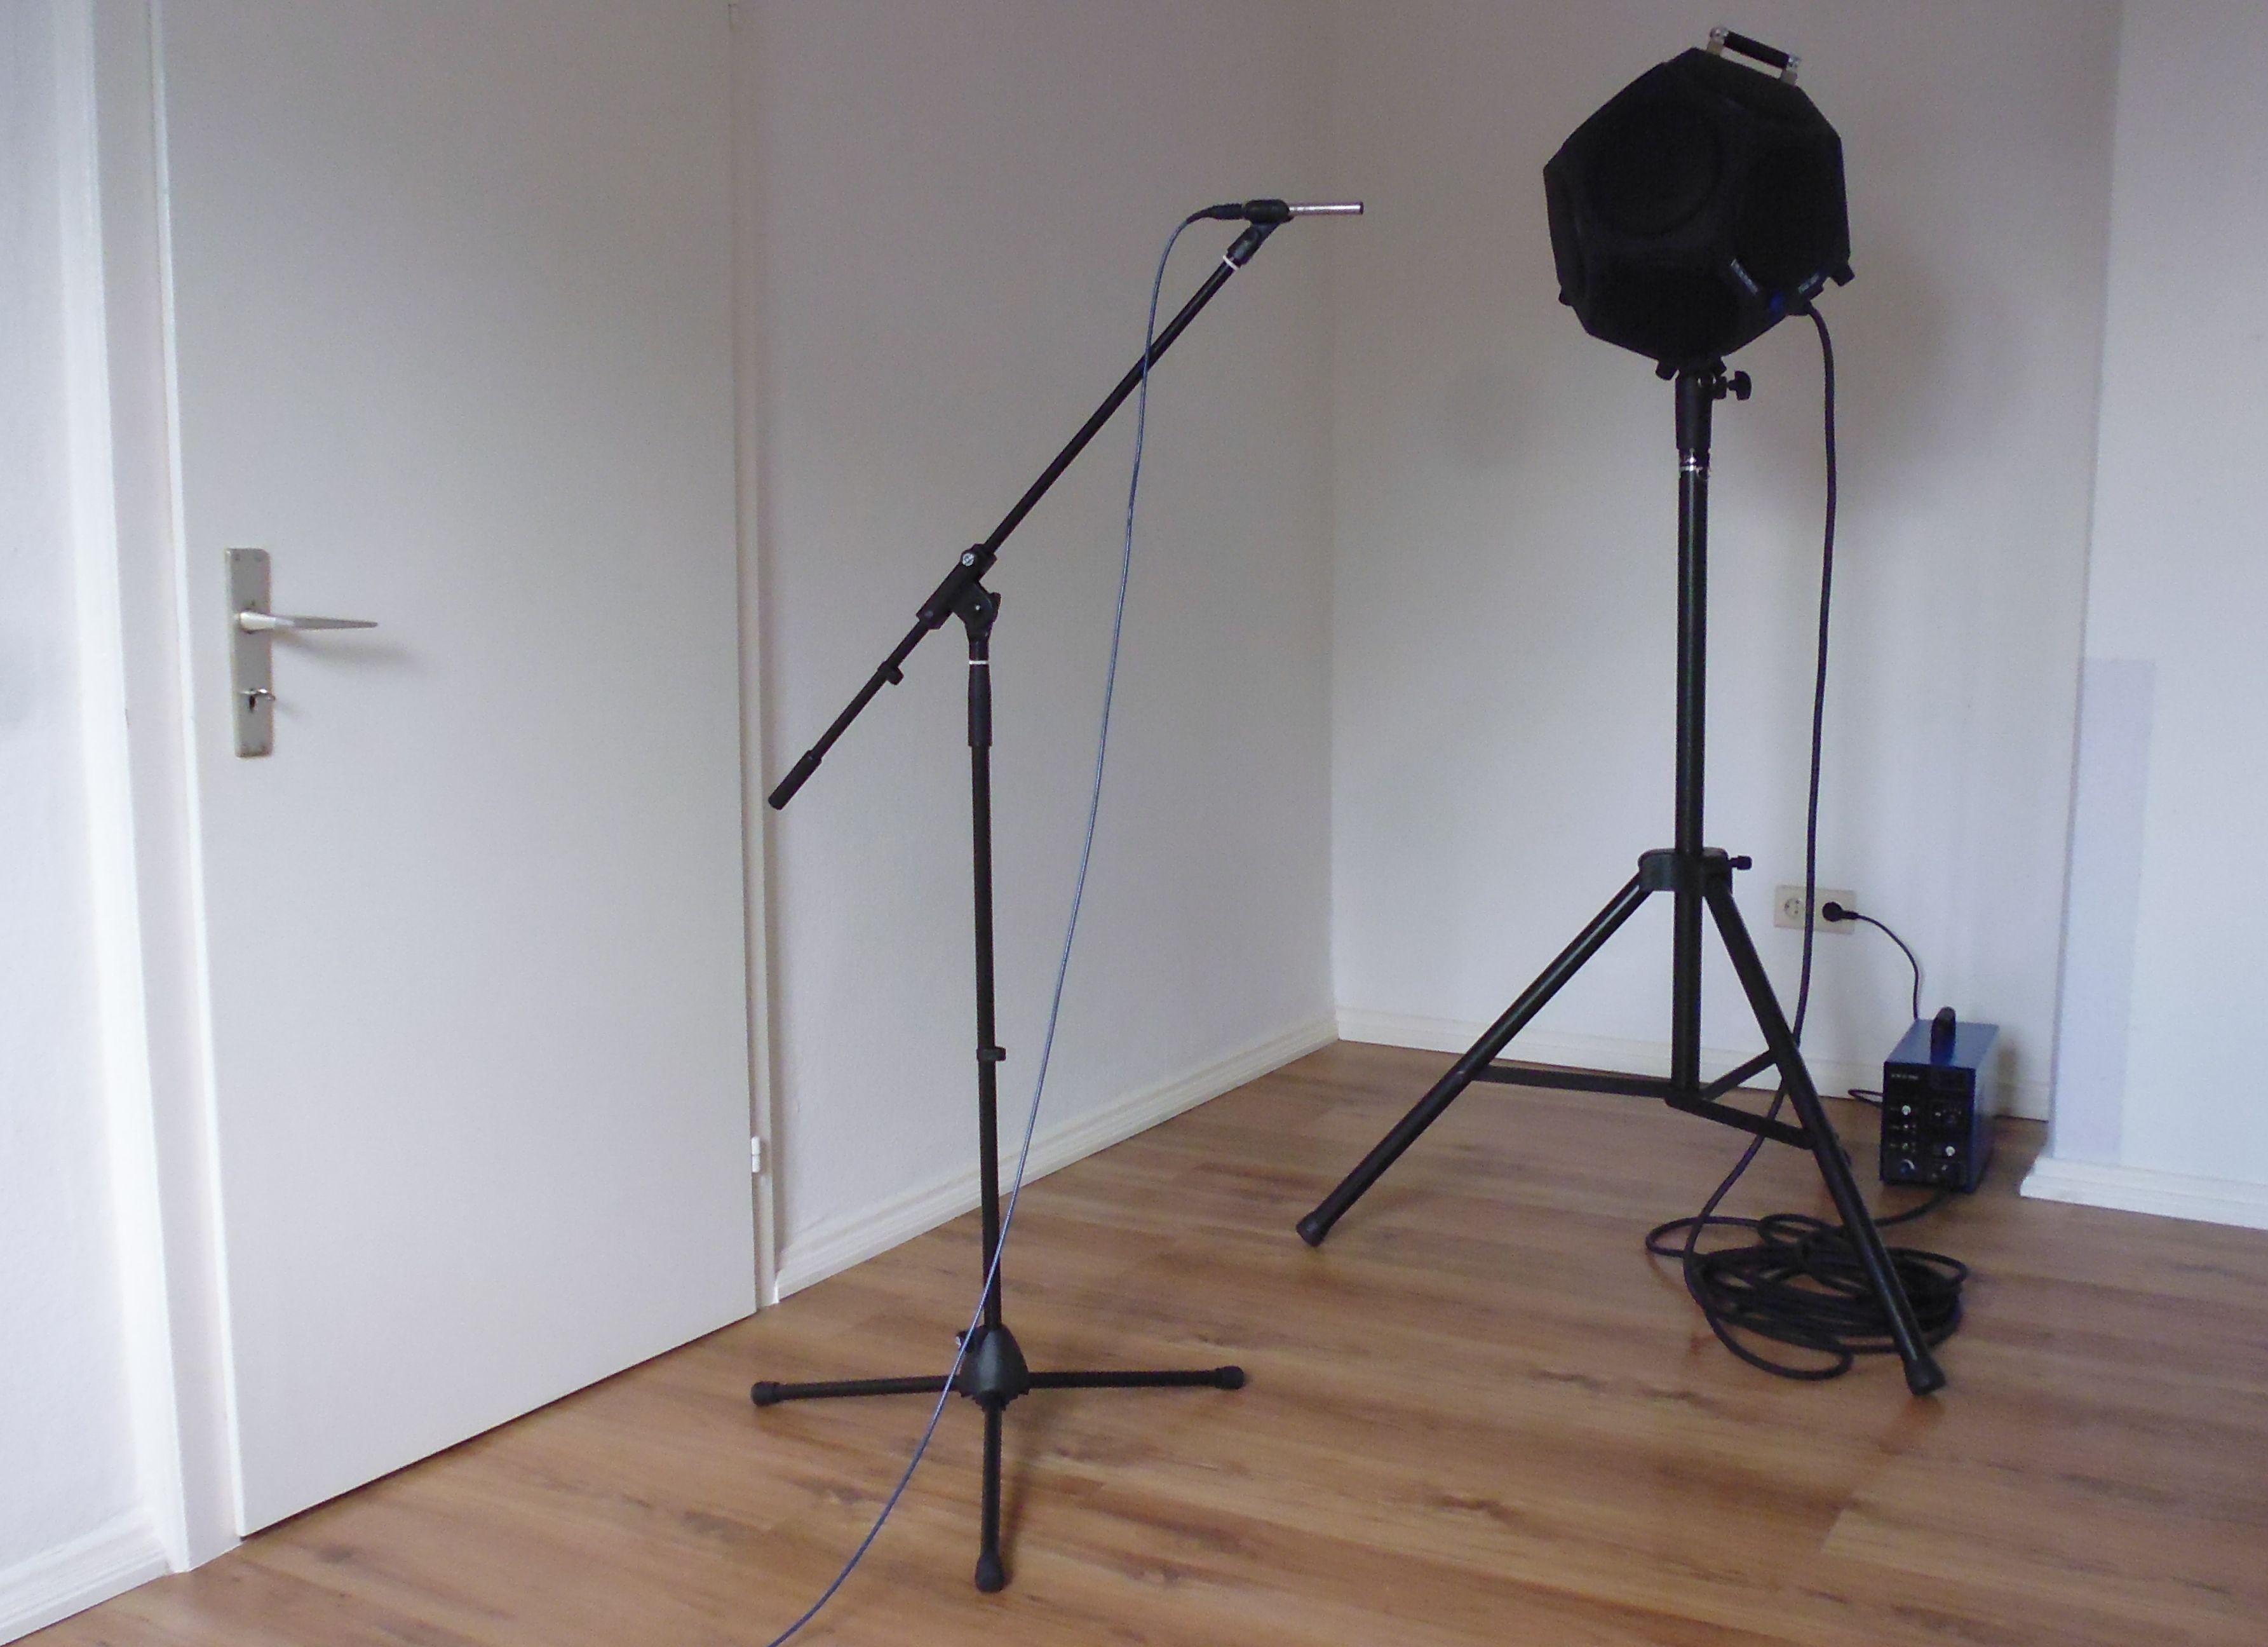 Raum mit verschiedenen Messgeräten zur Schallmessung